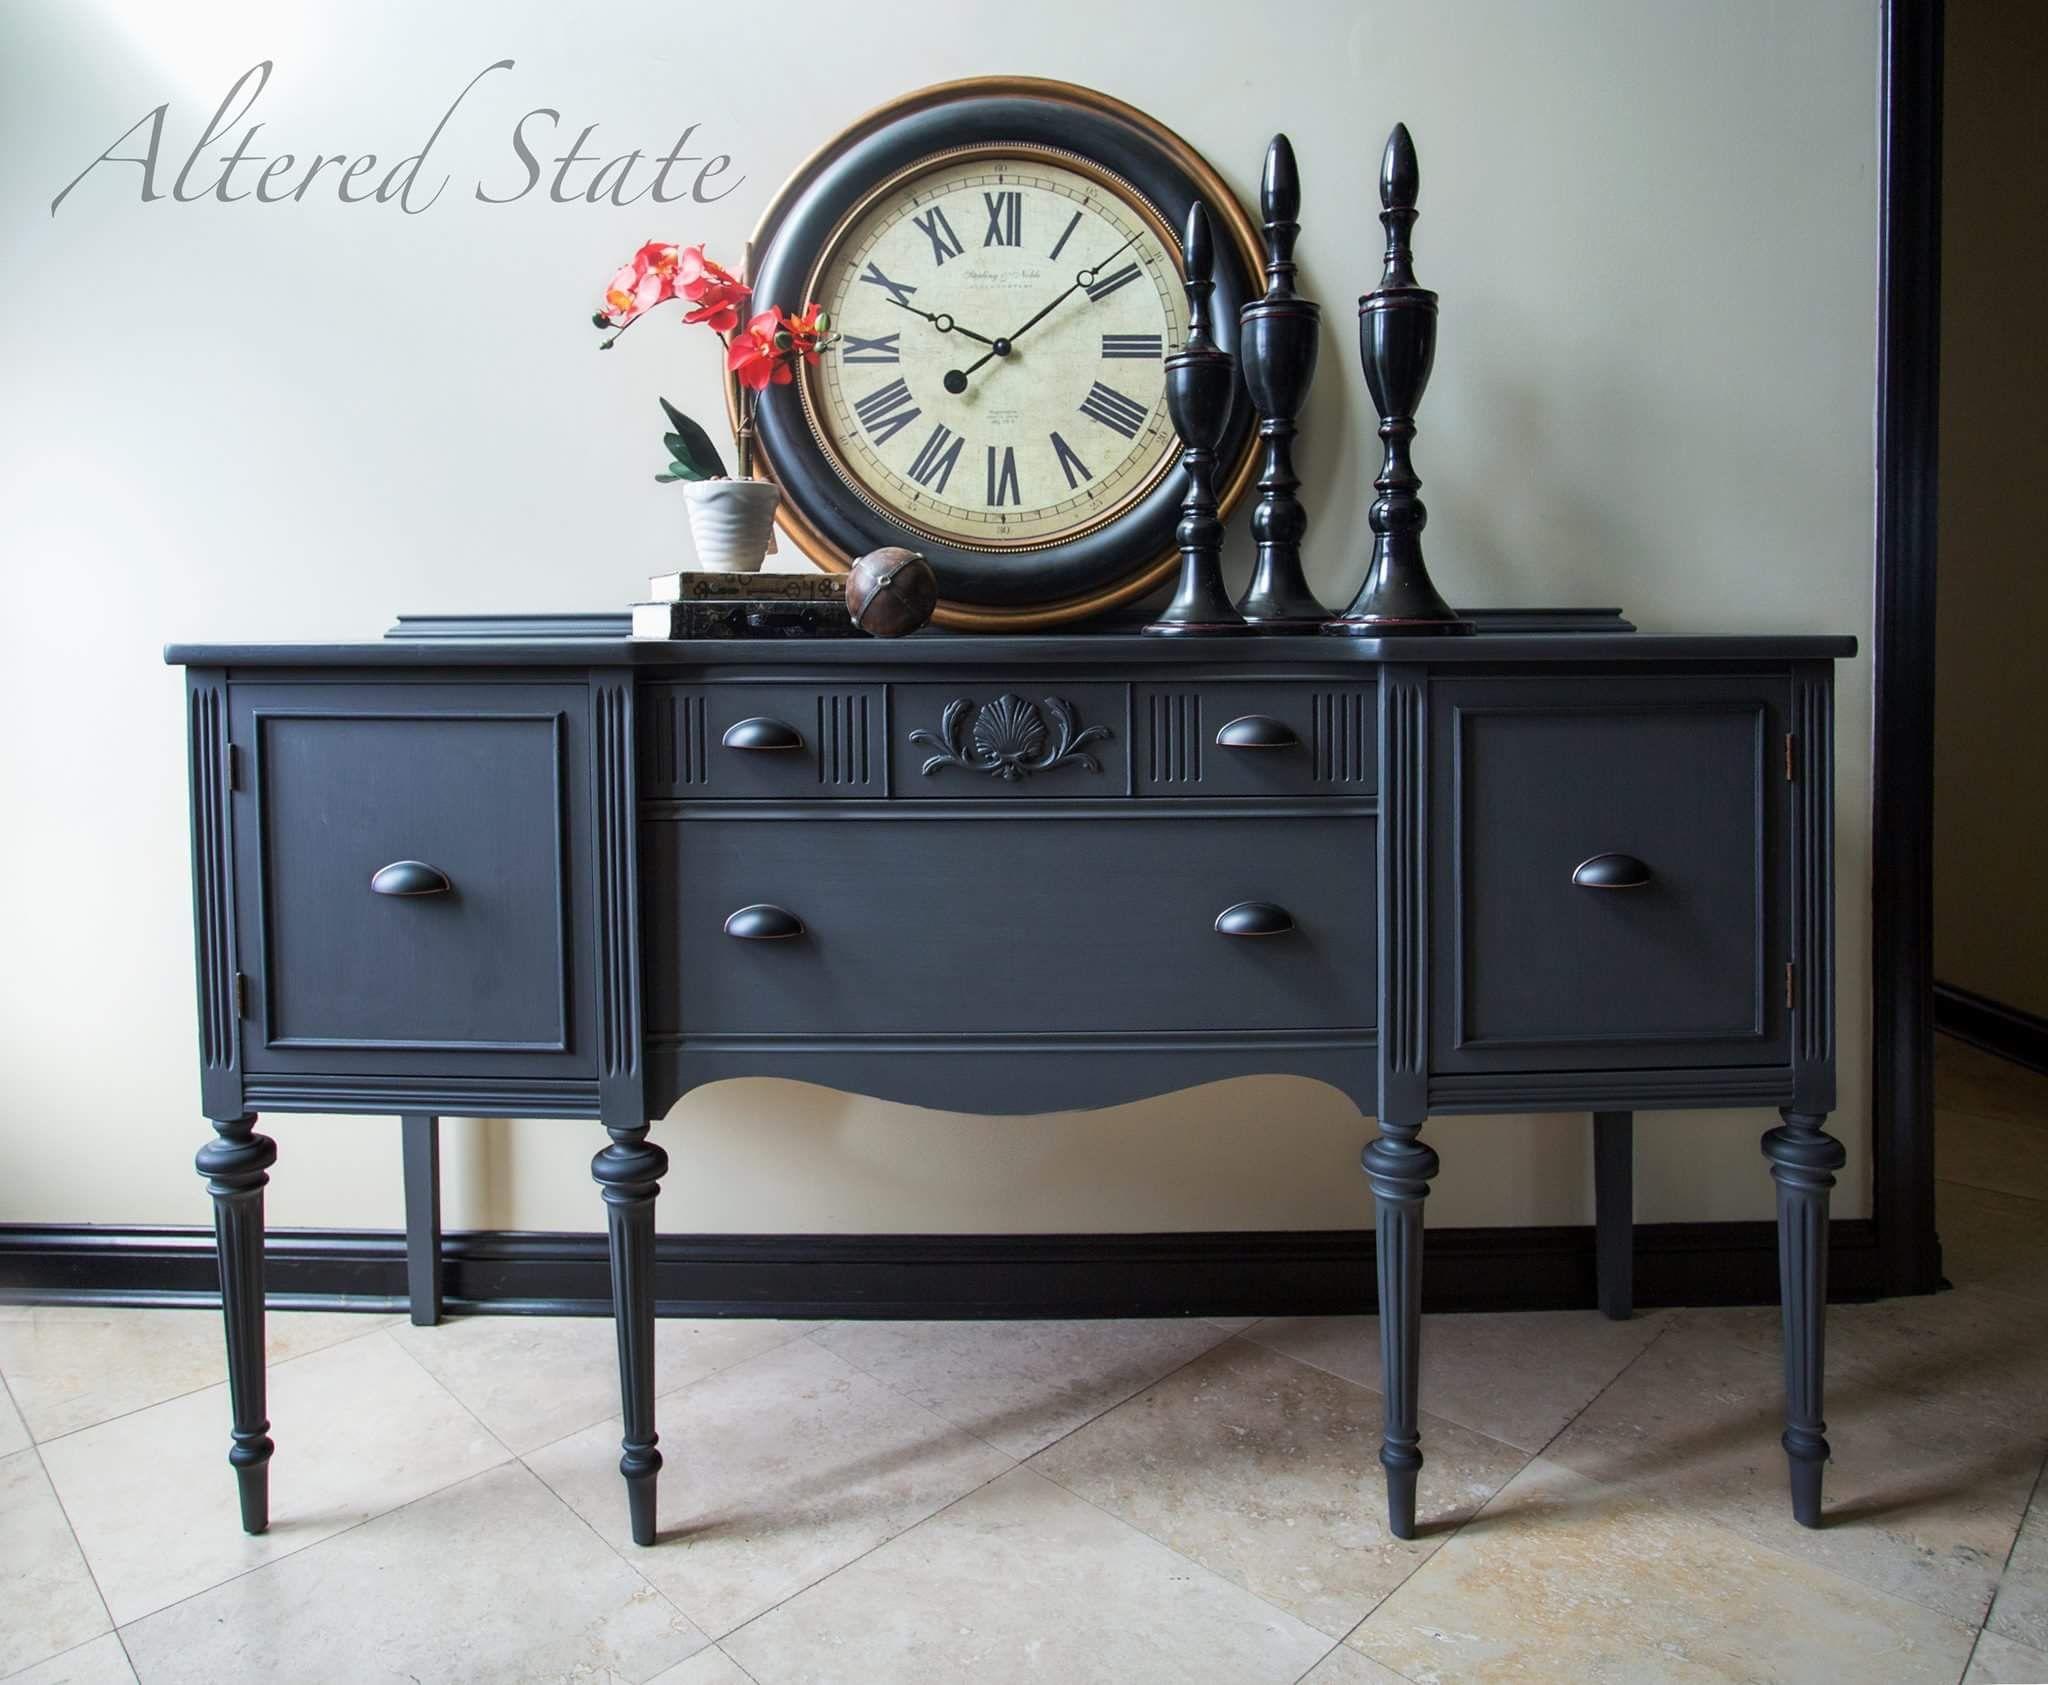 1841B0Af408F125Ef58Bd0C8D135C698 (2048 1685) Antique Painted Furniturechalk